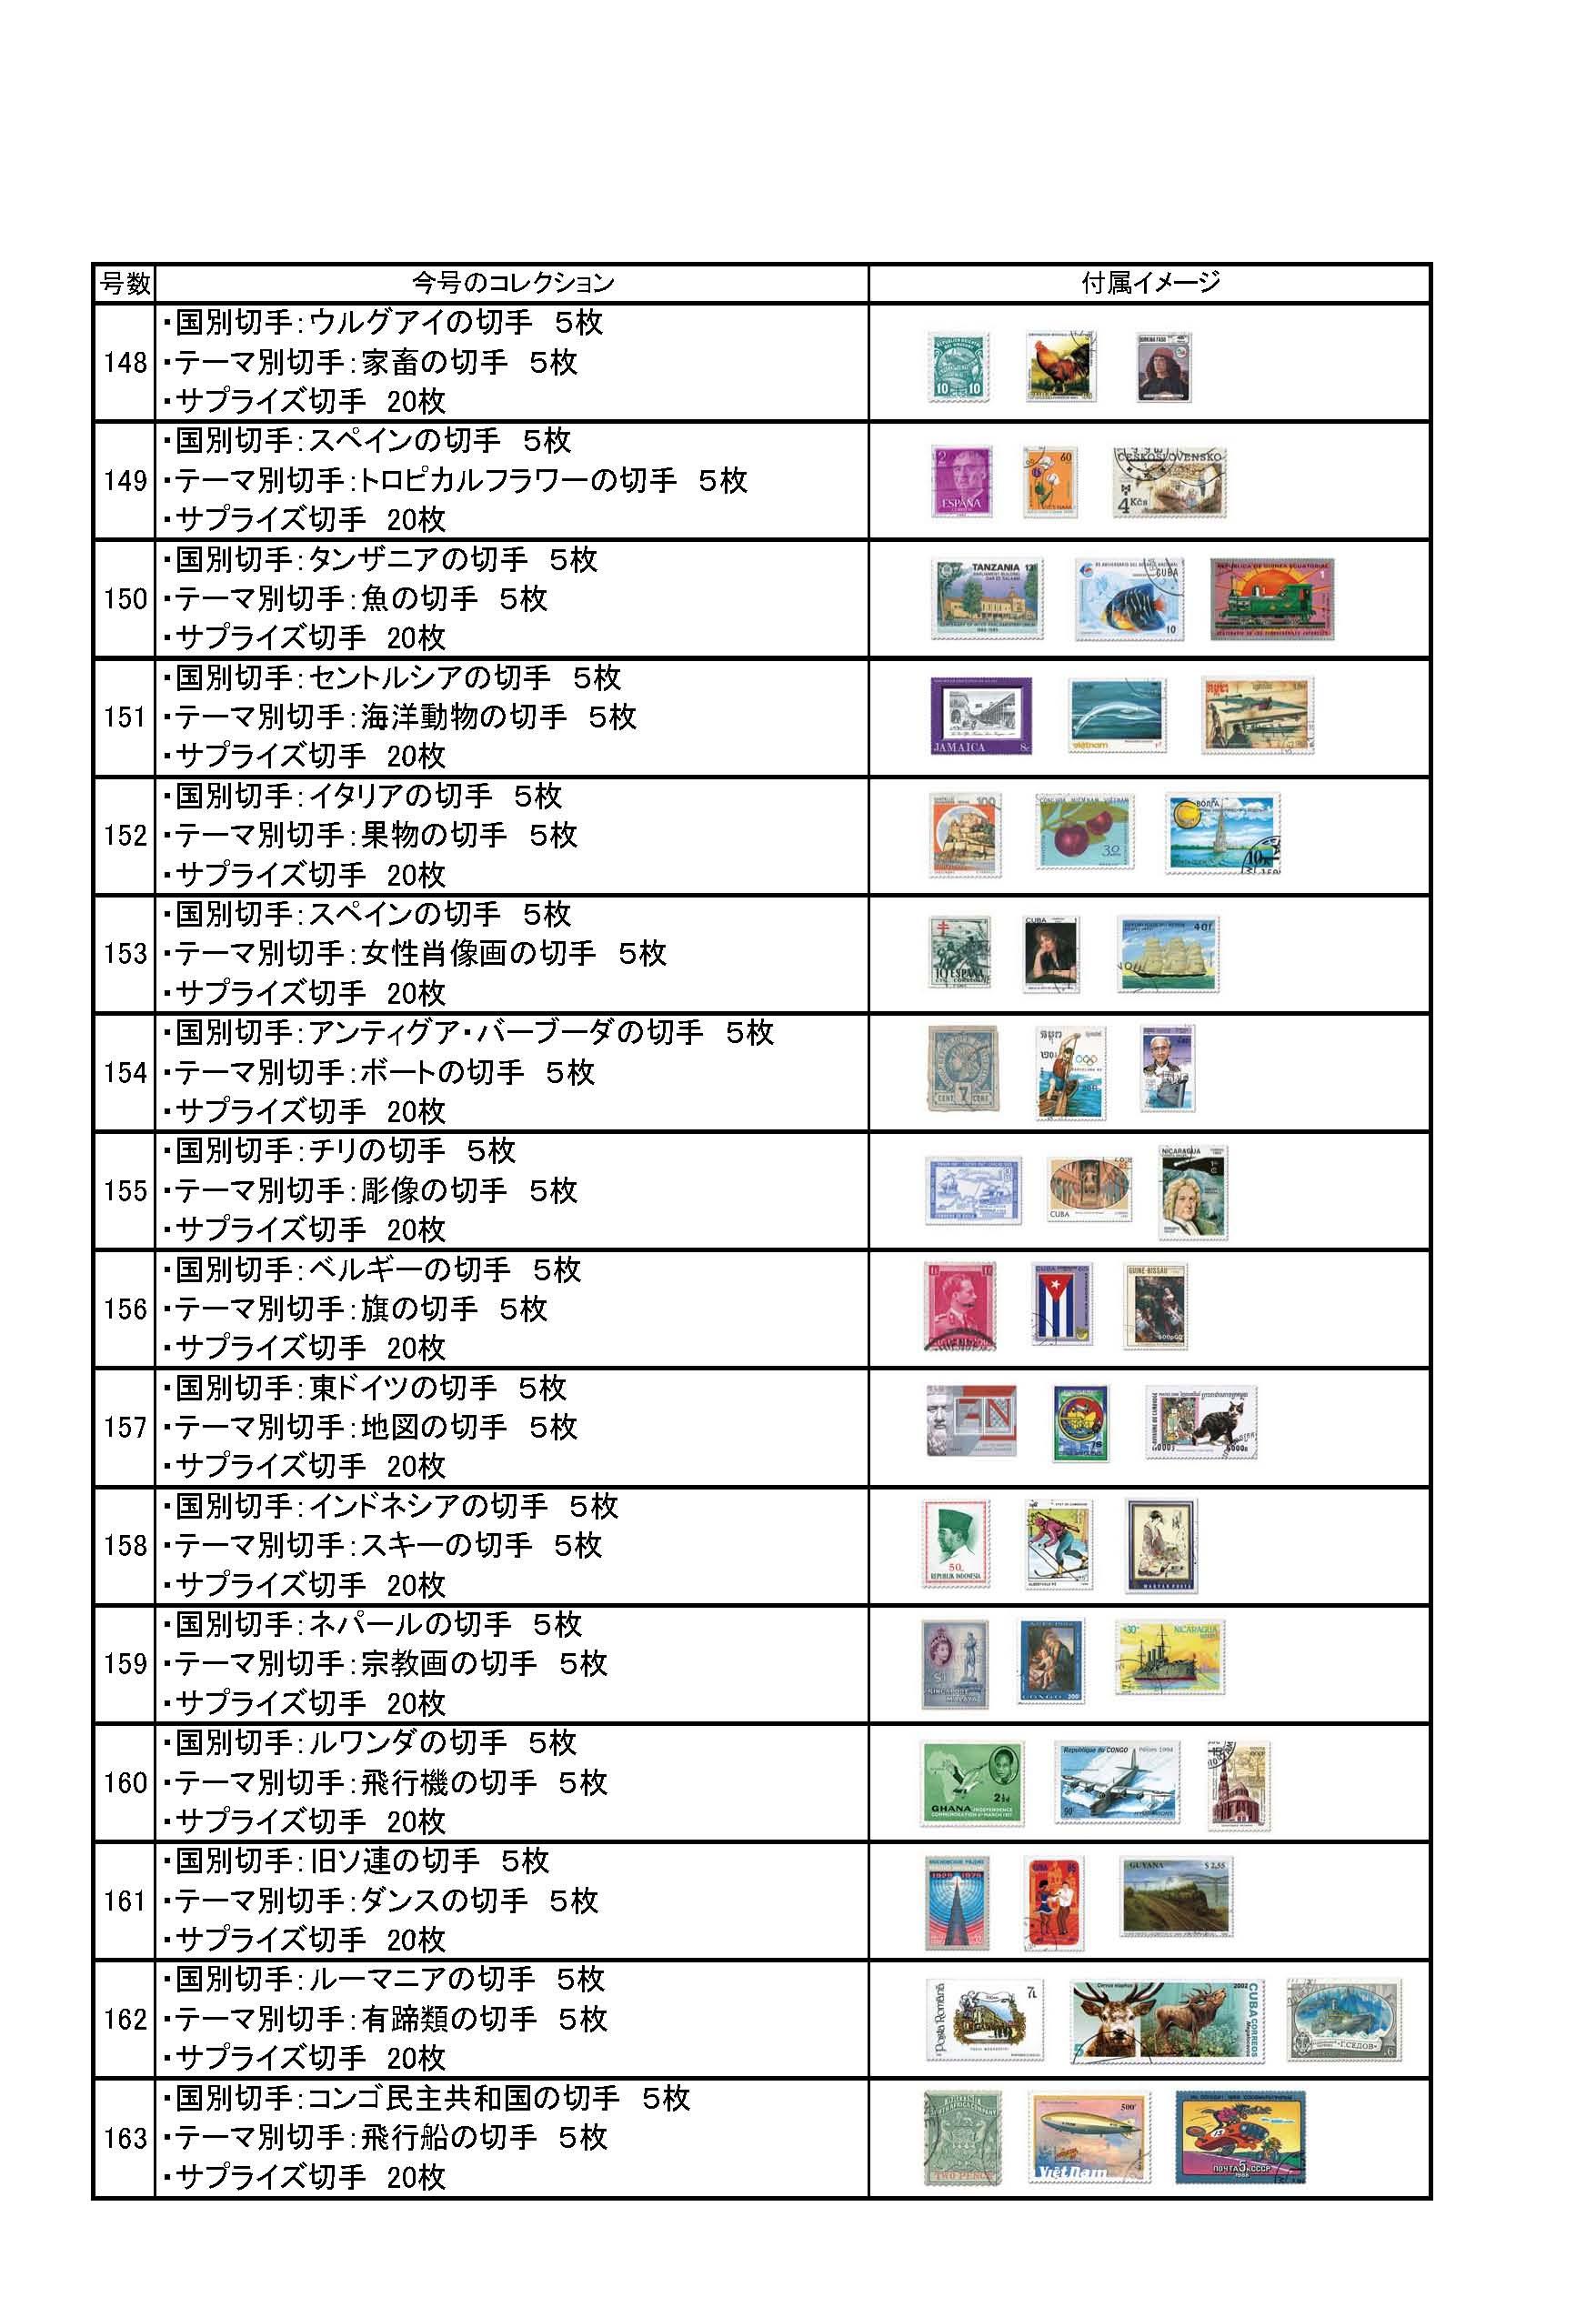 付属切手ラインナップ_20170817 (1)_ページ_11.jpg